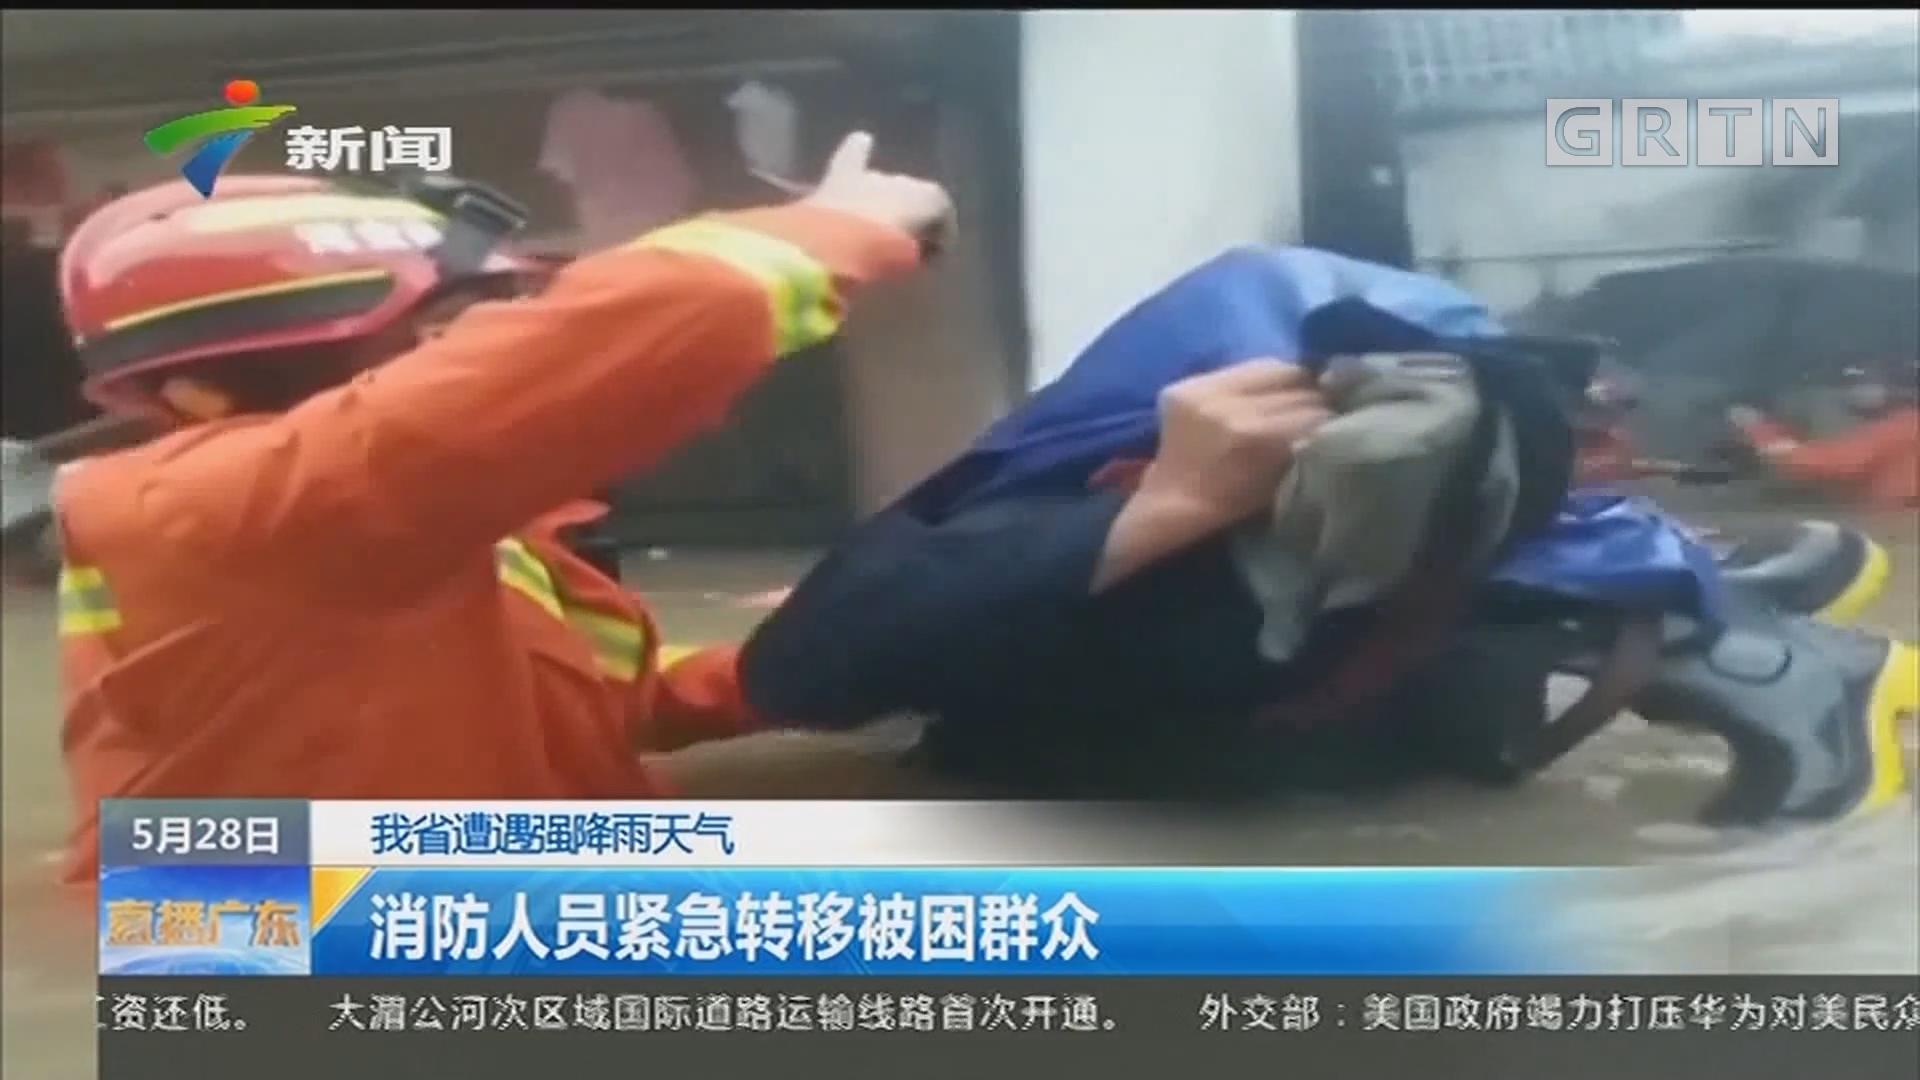 我省遭遇强降雨天气:消防人员紧急转移被困群众